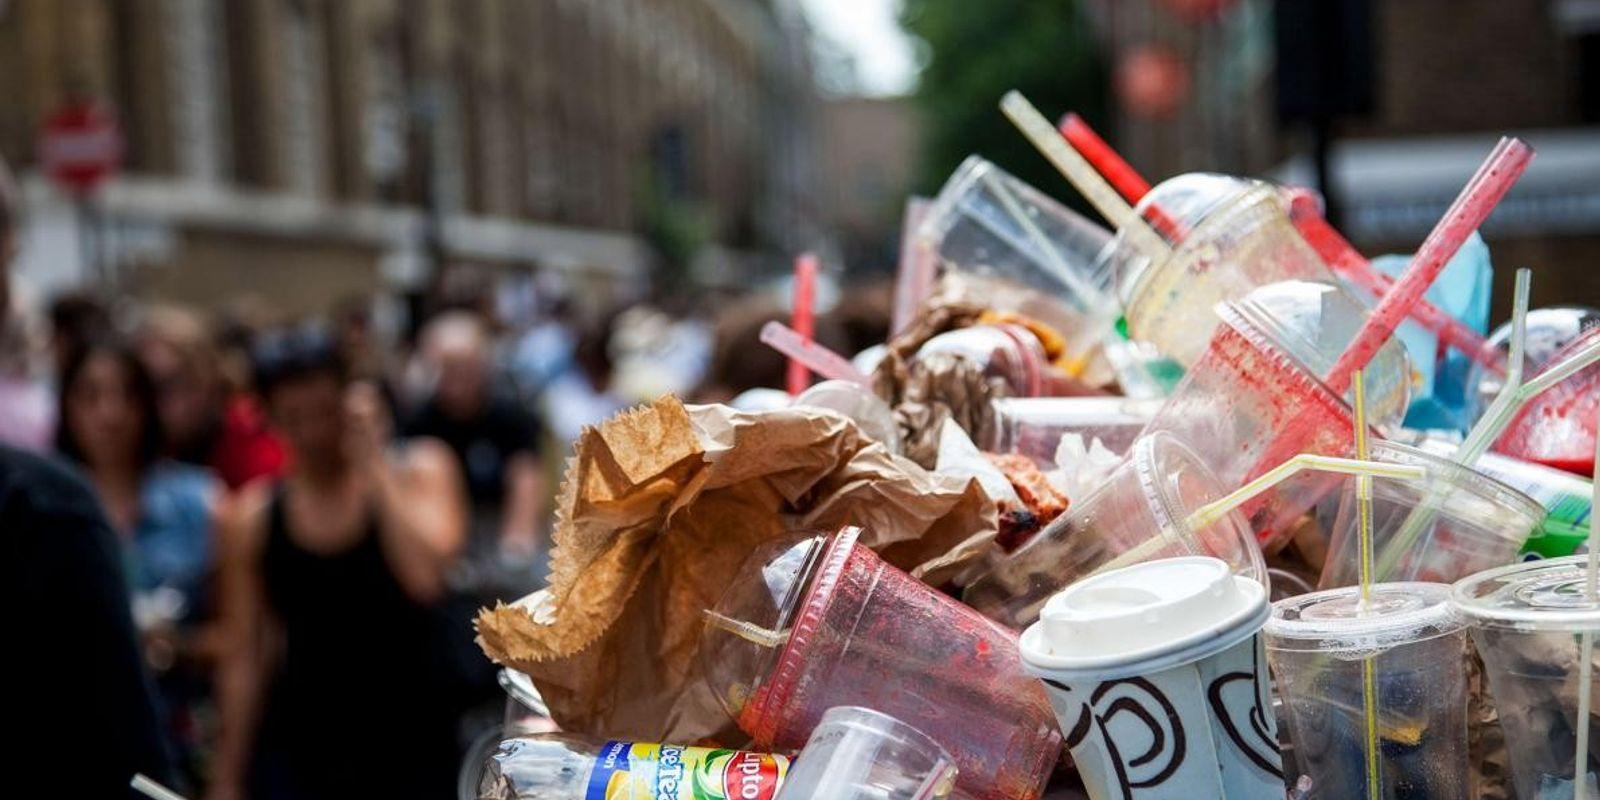 El problema de la contaminación nos afecta a todos. ¡Comprométete!